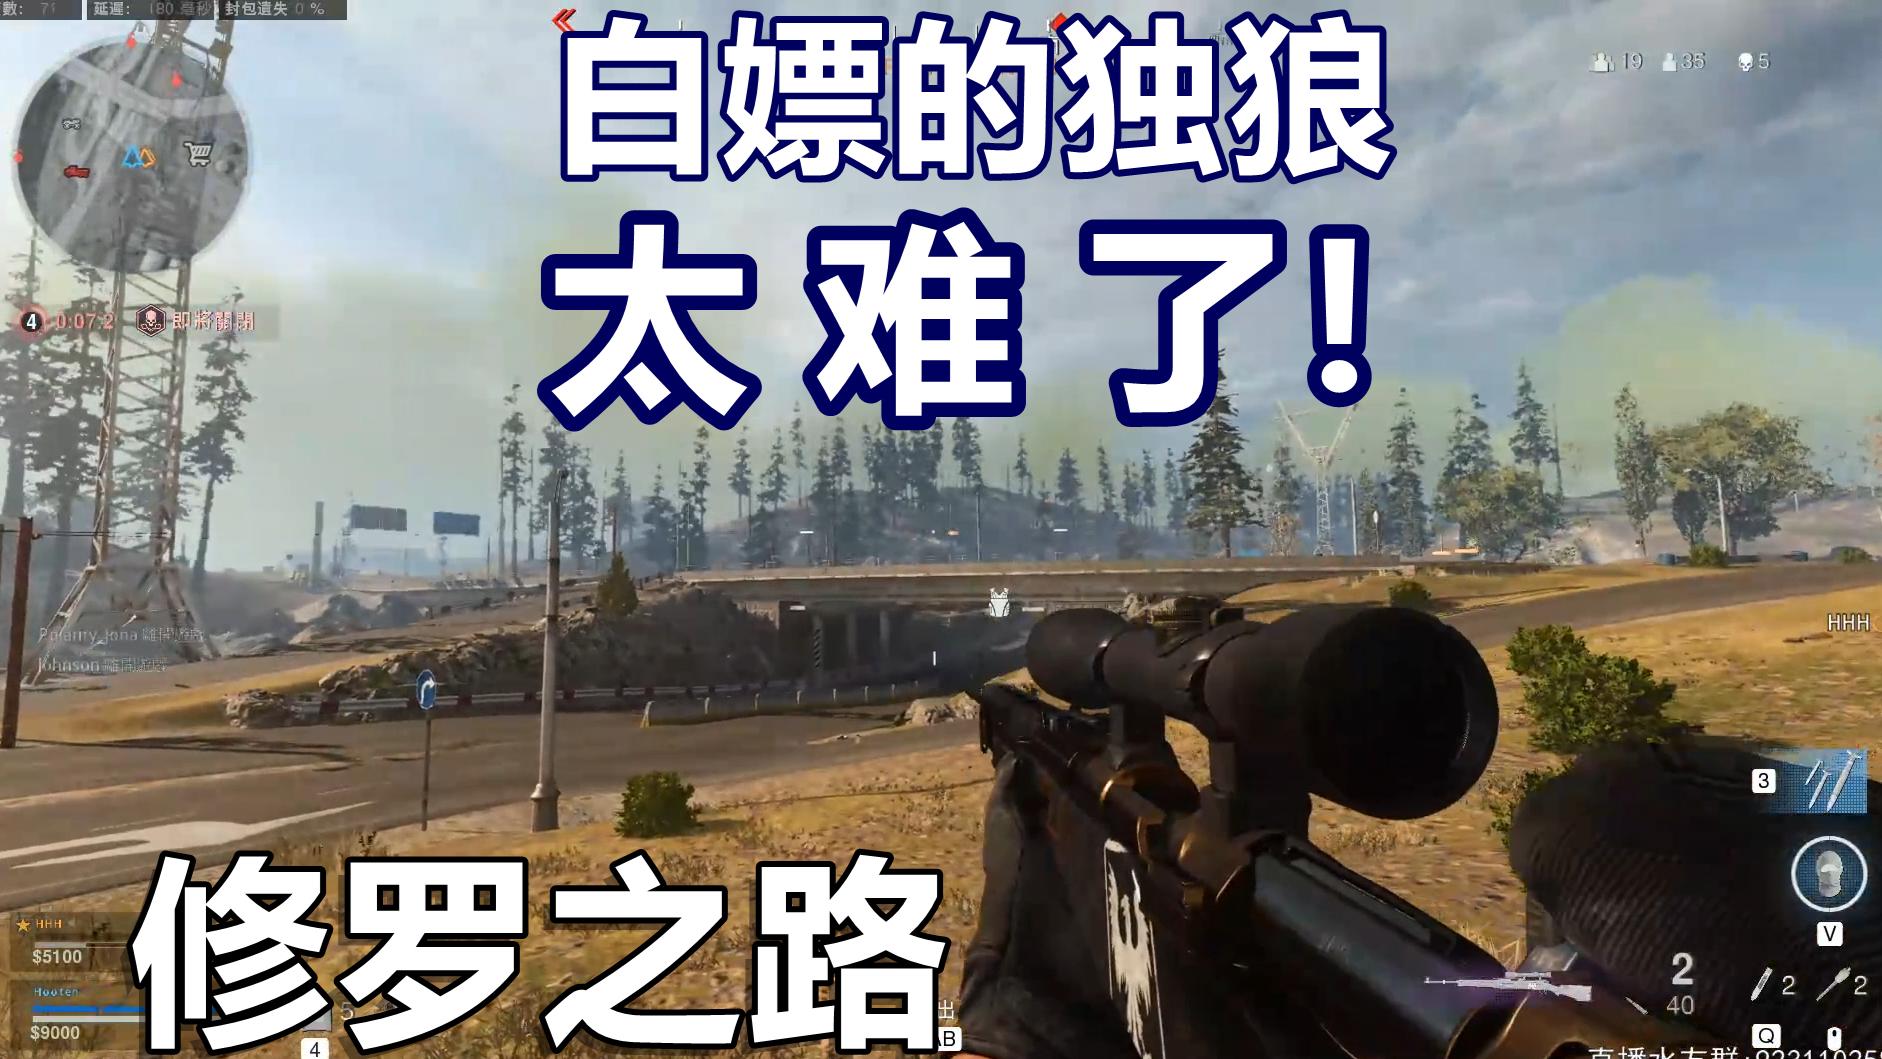 这游戏对独狼太难了,修罗之路-COD16大逃杀使命召唤16战区吃鸡